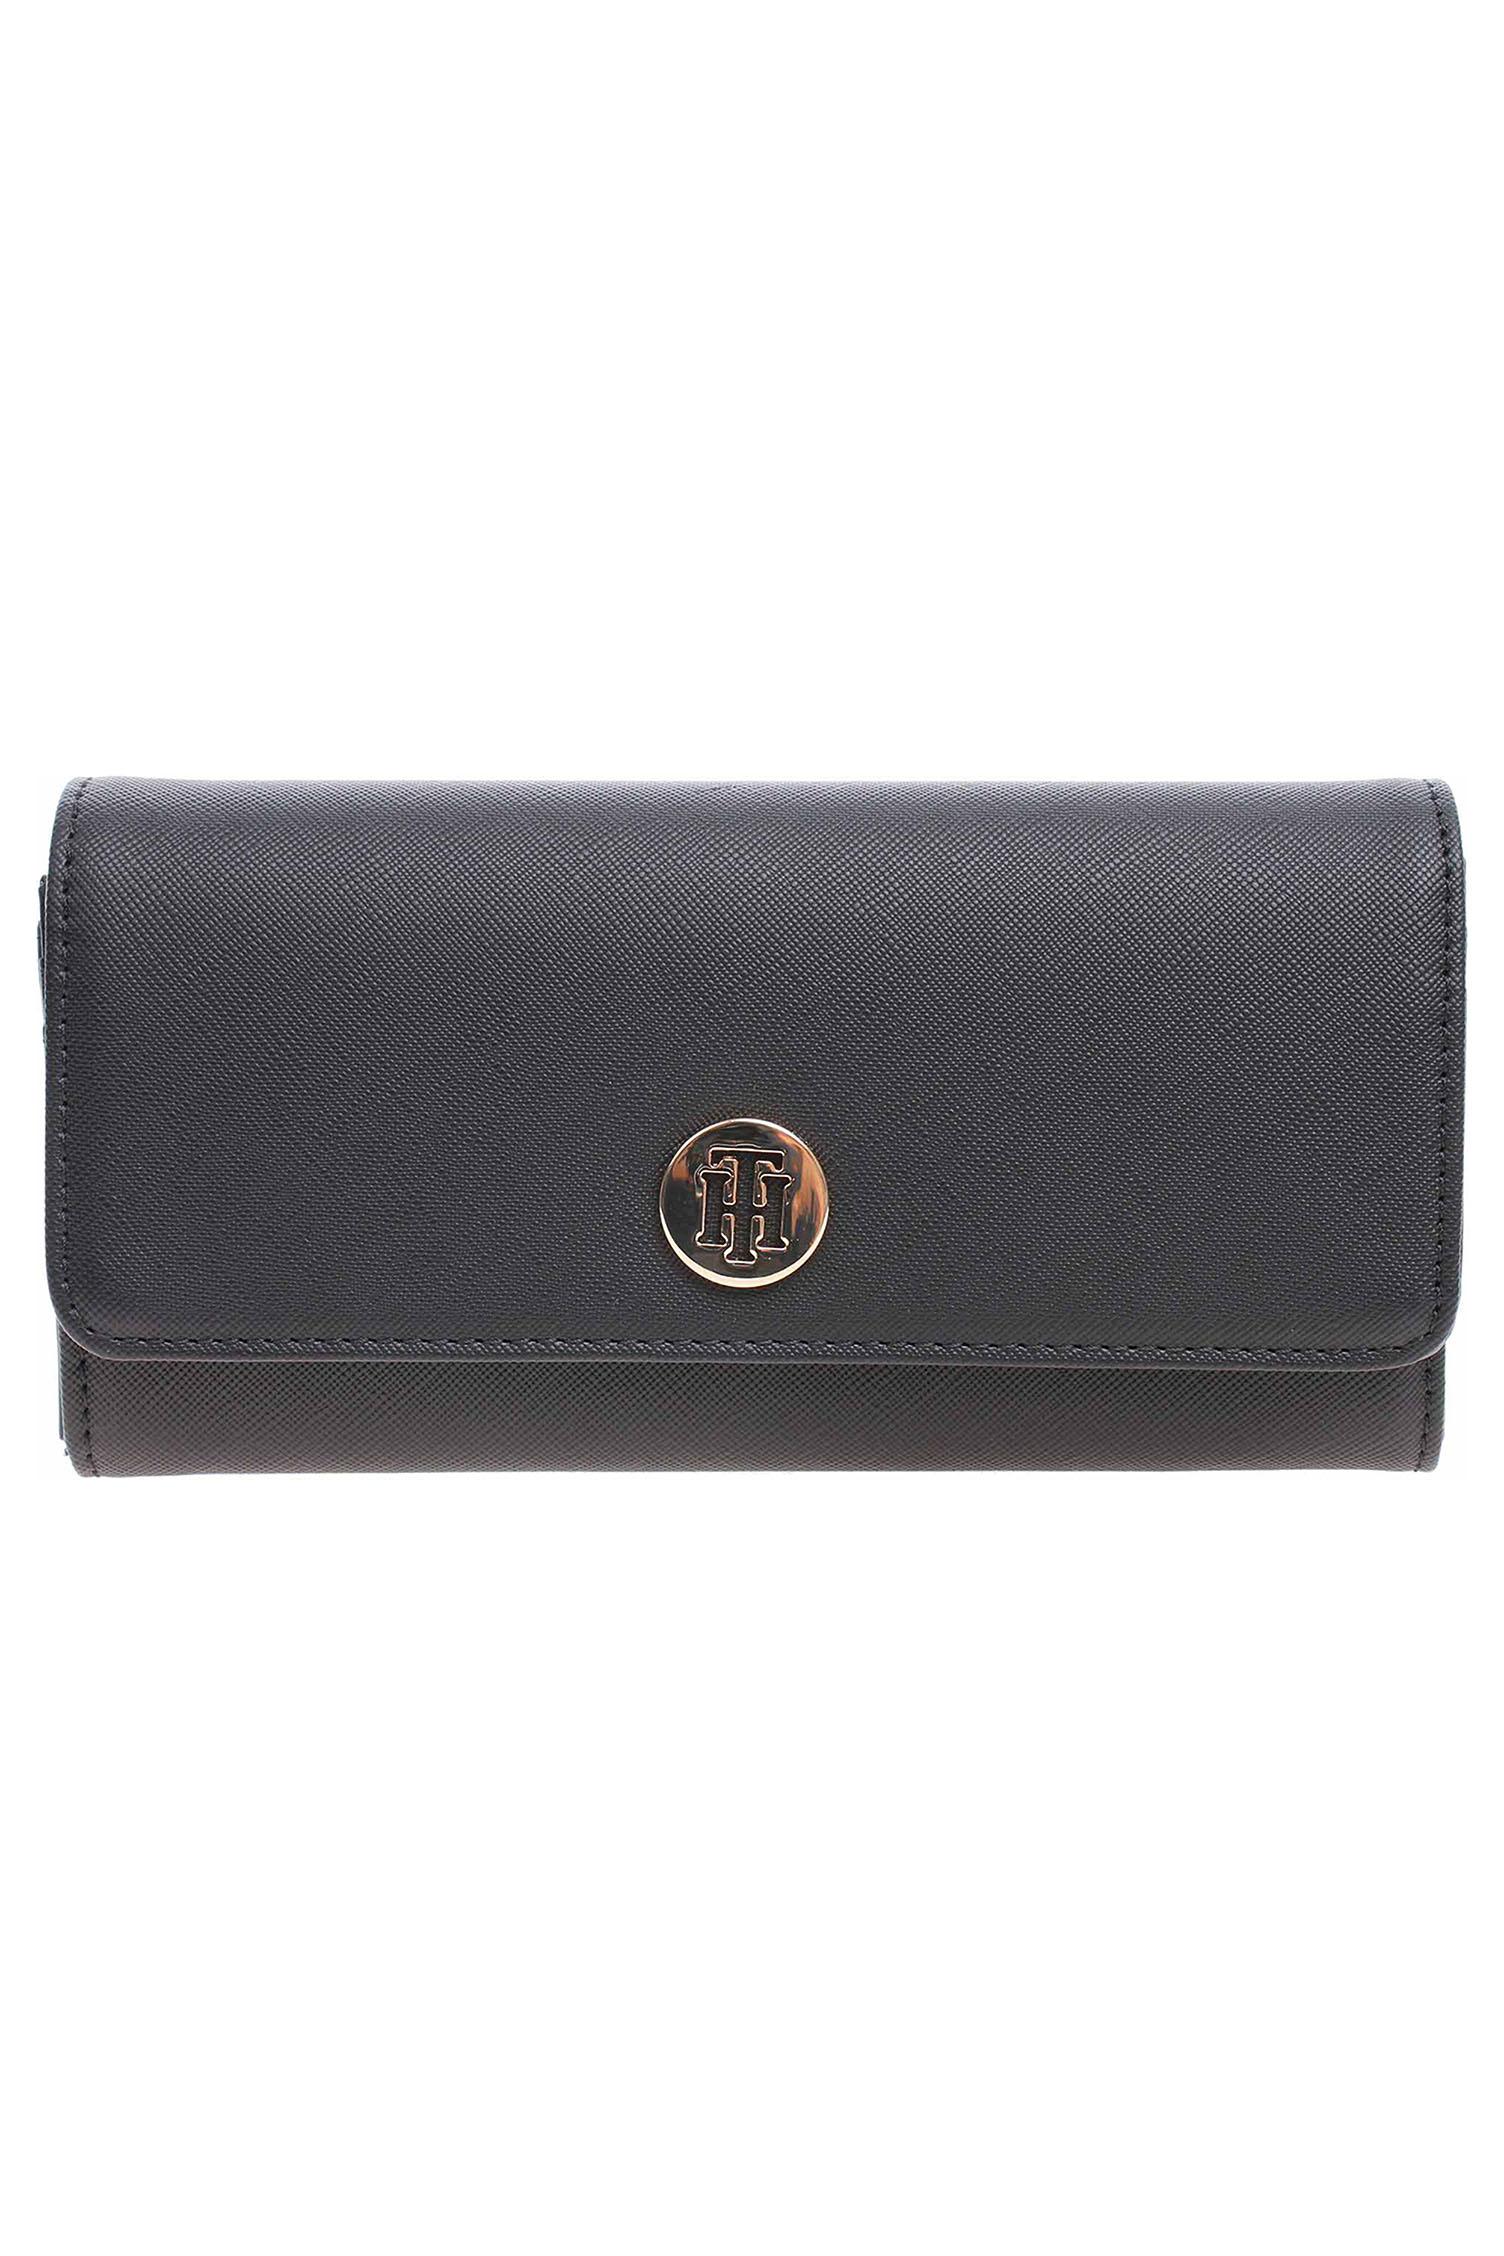 Tommy Hilfiger dámská peněženka AW0AW06493 002 black AW0AW06493 002 ... f9f1887fd7c